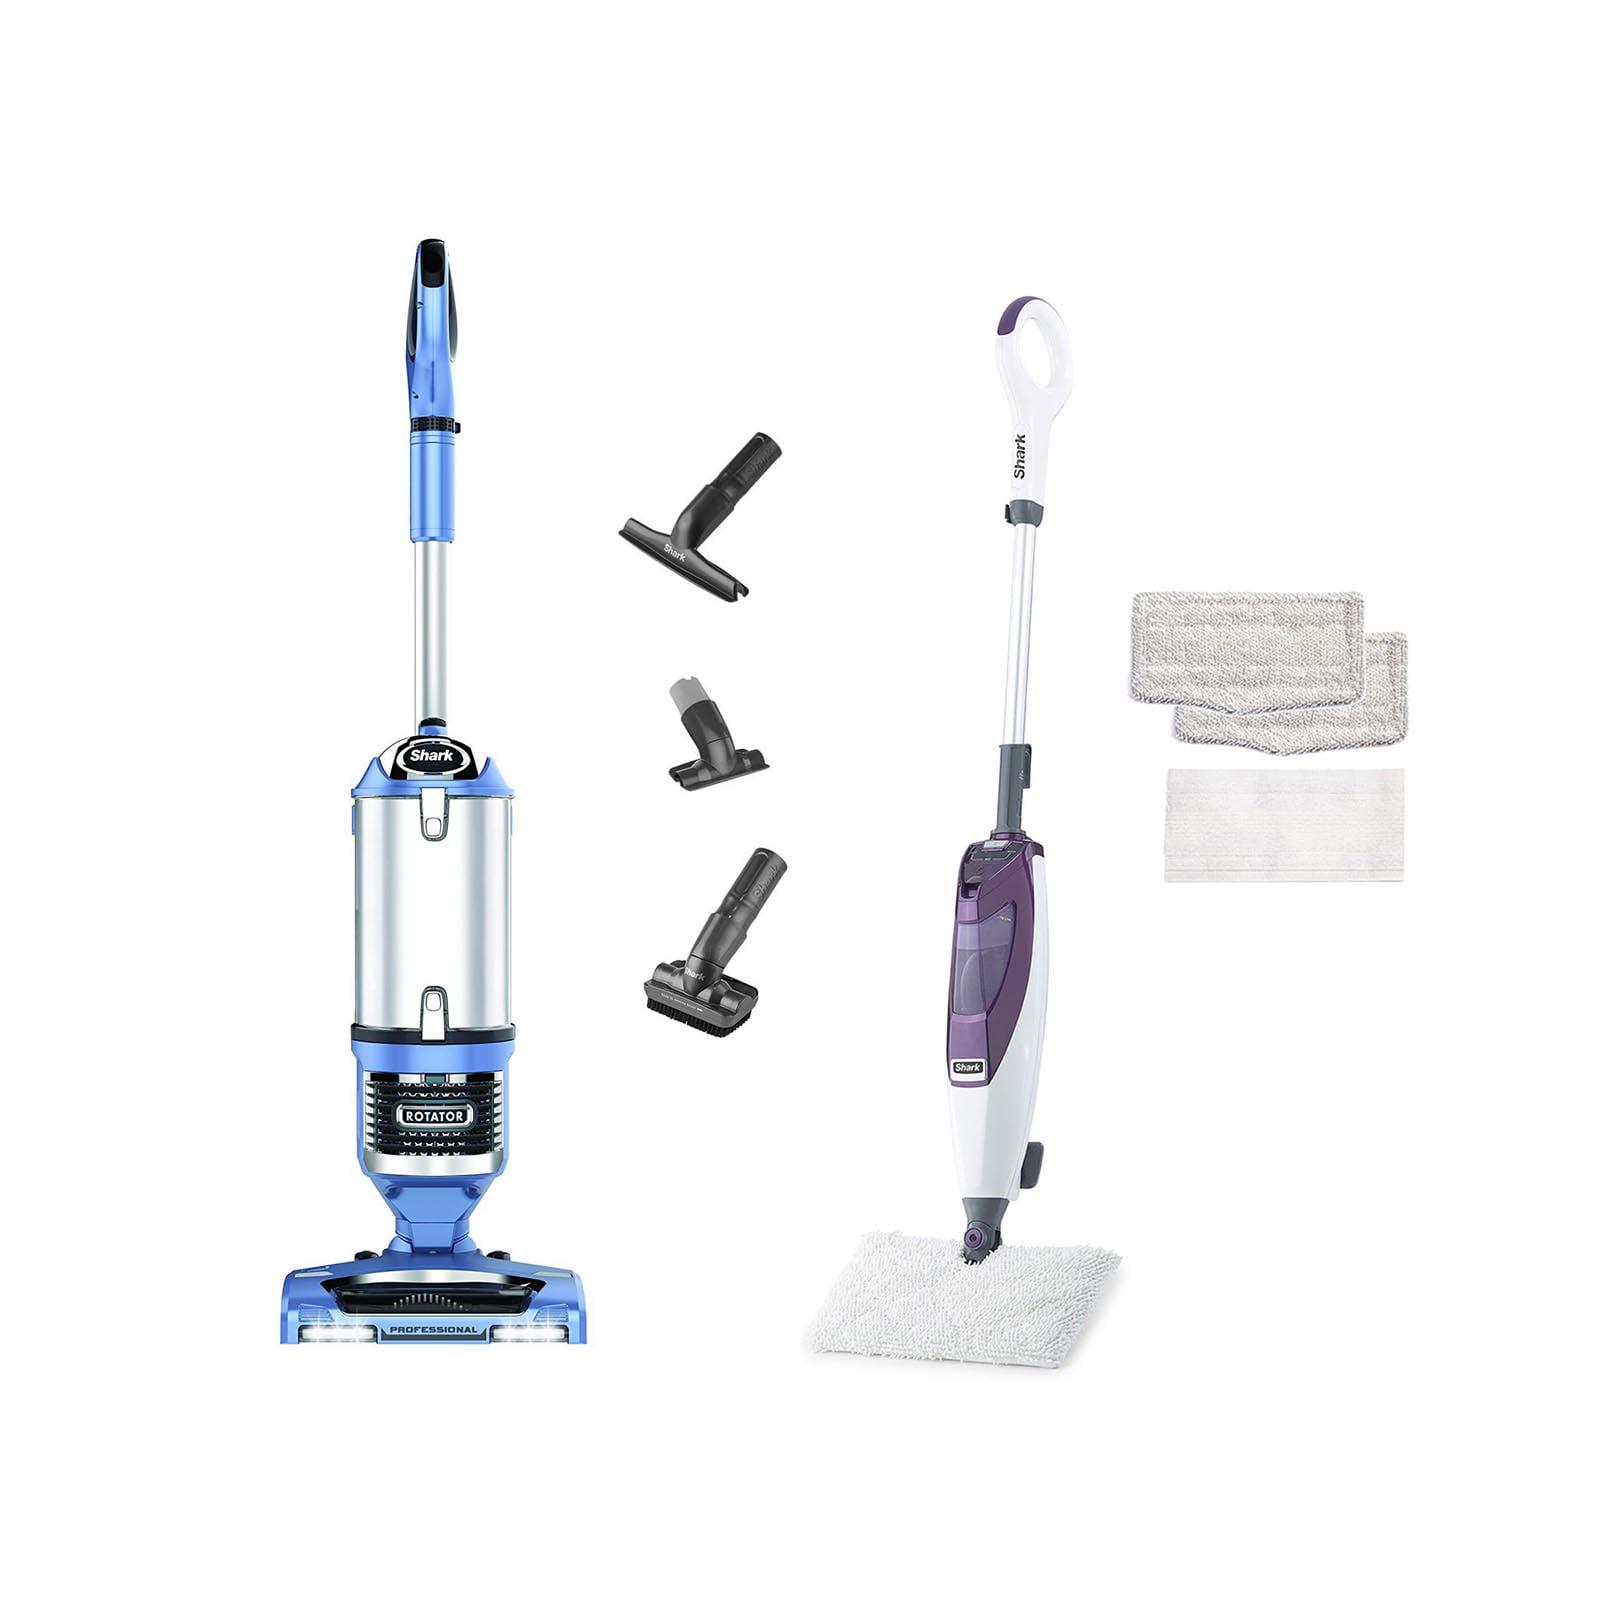 Shark Rotator Pro Lift-Away XL Upright Vacuum + Blast & Scrub Steam Pocket Mop